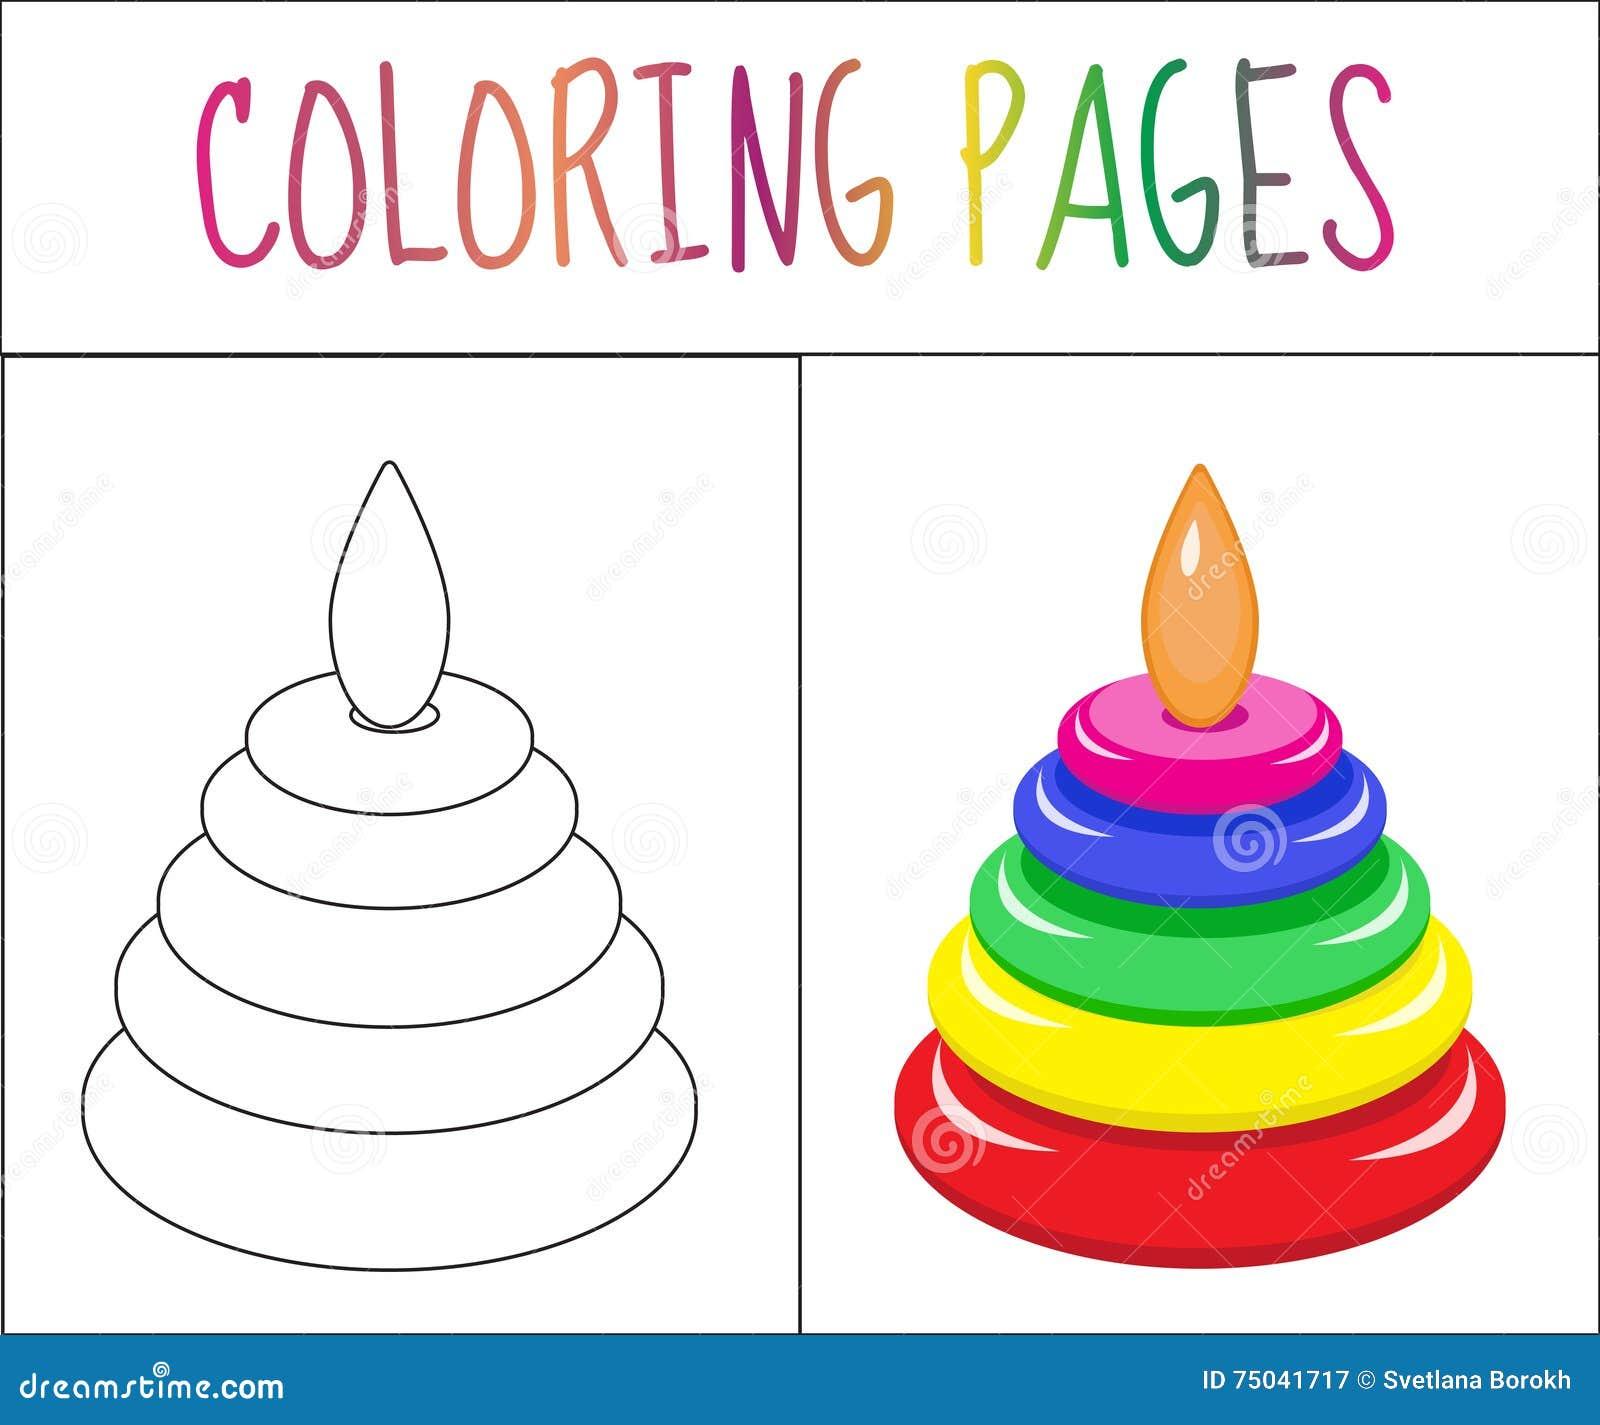 страница книжка раскраски пирамида игрушки версия эскиза и